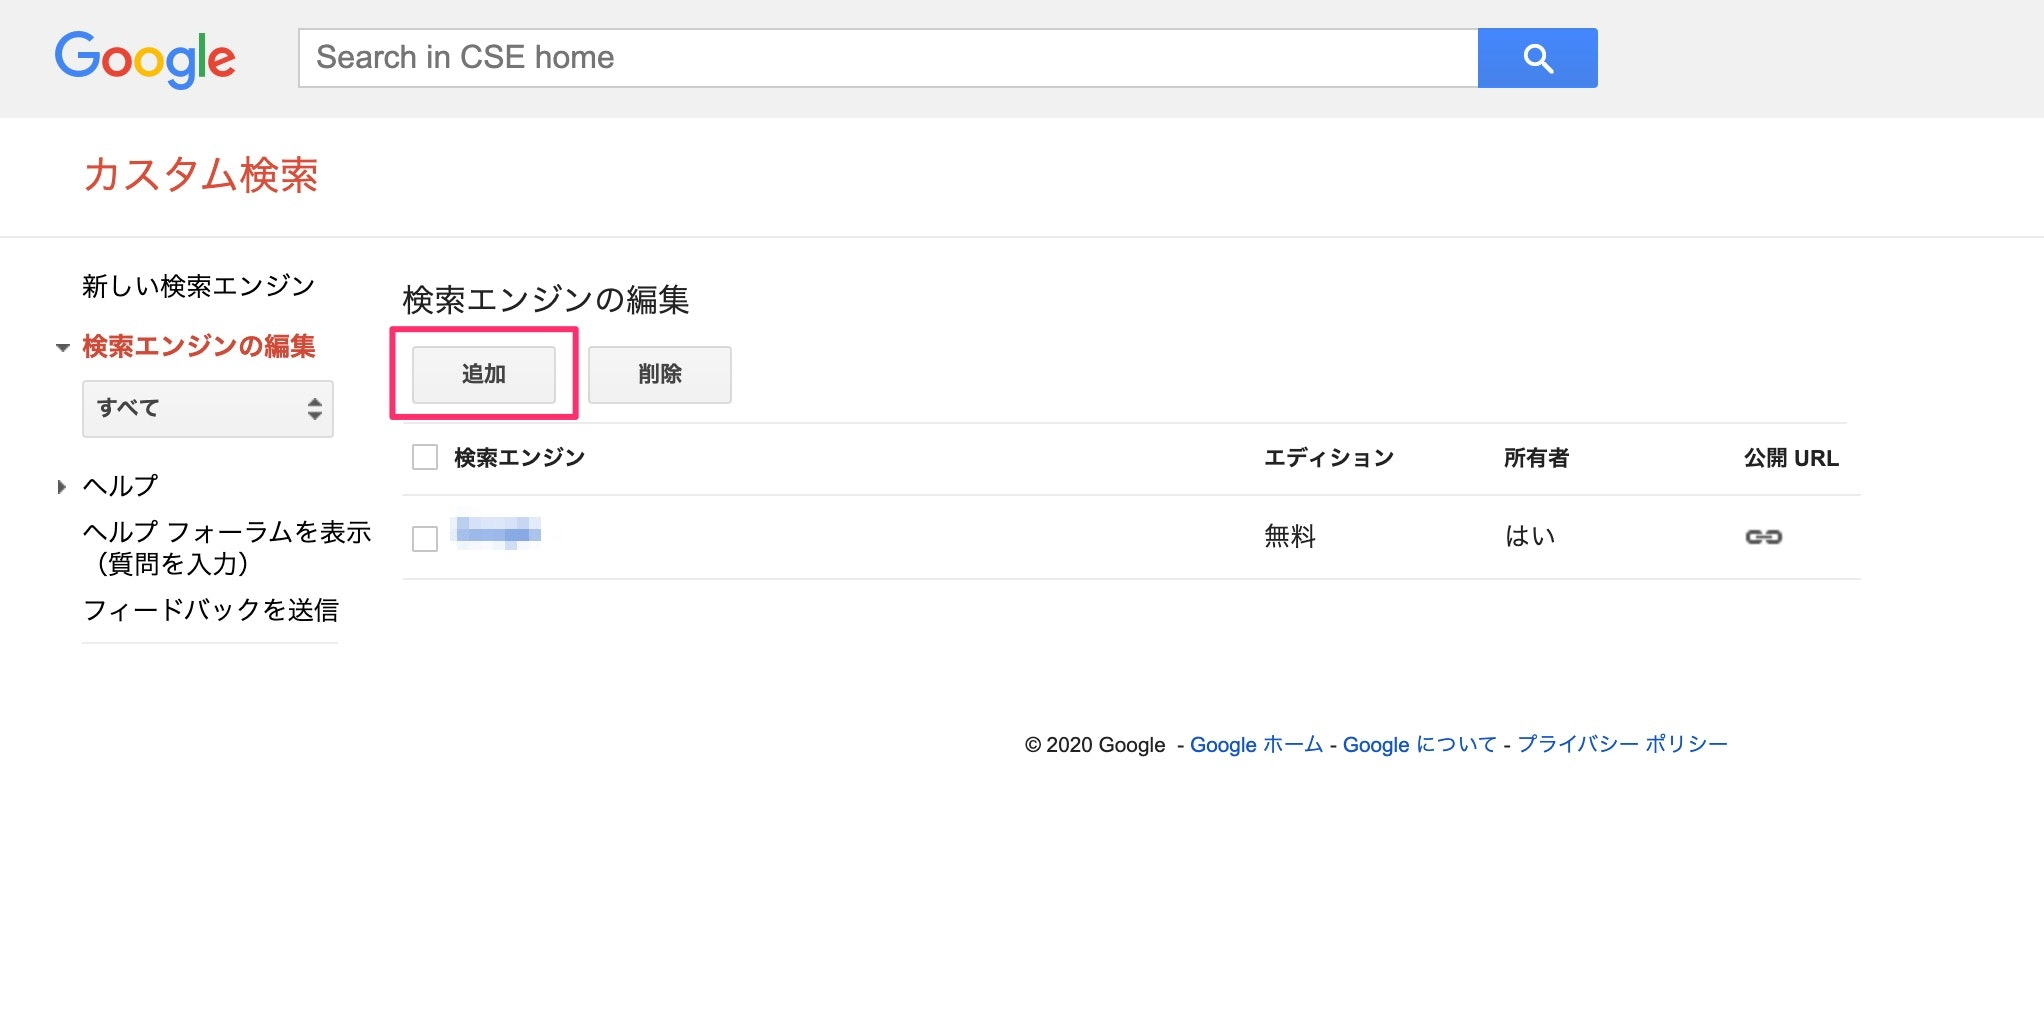 スクリーンショット_2020-02-10_3_00_14.jpg